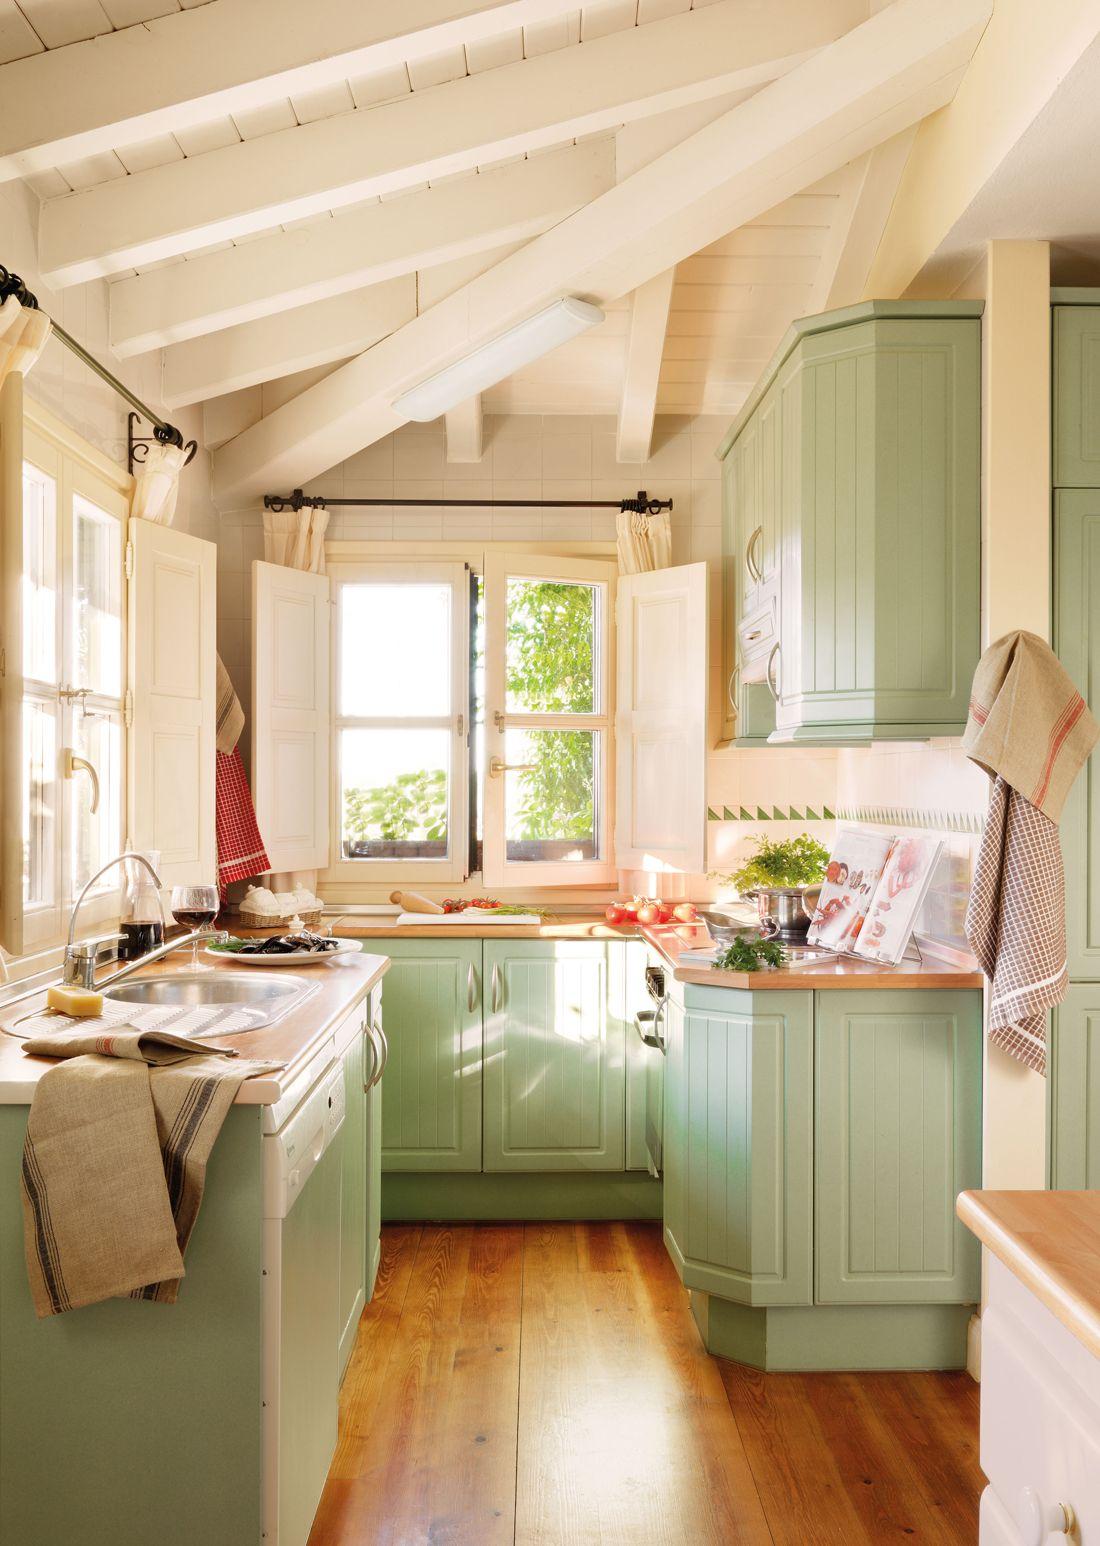 Cocina rústica pequeña con muebles en verde y vigas blancas 00335798 ...